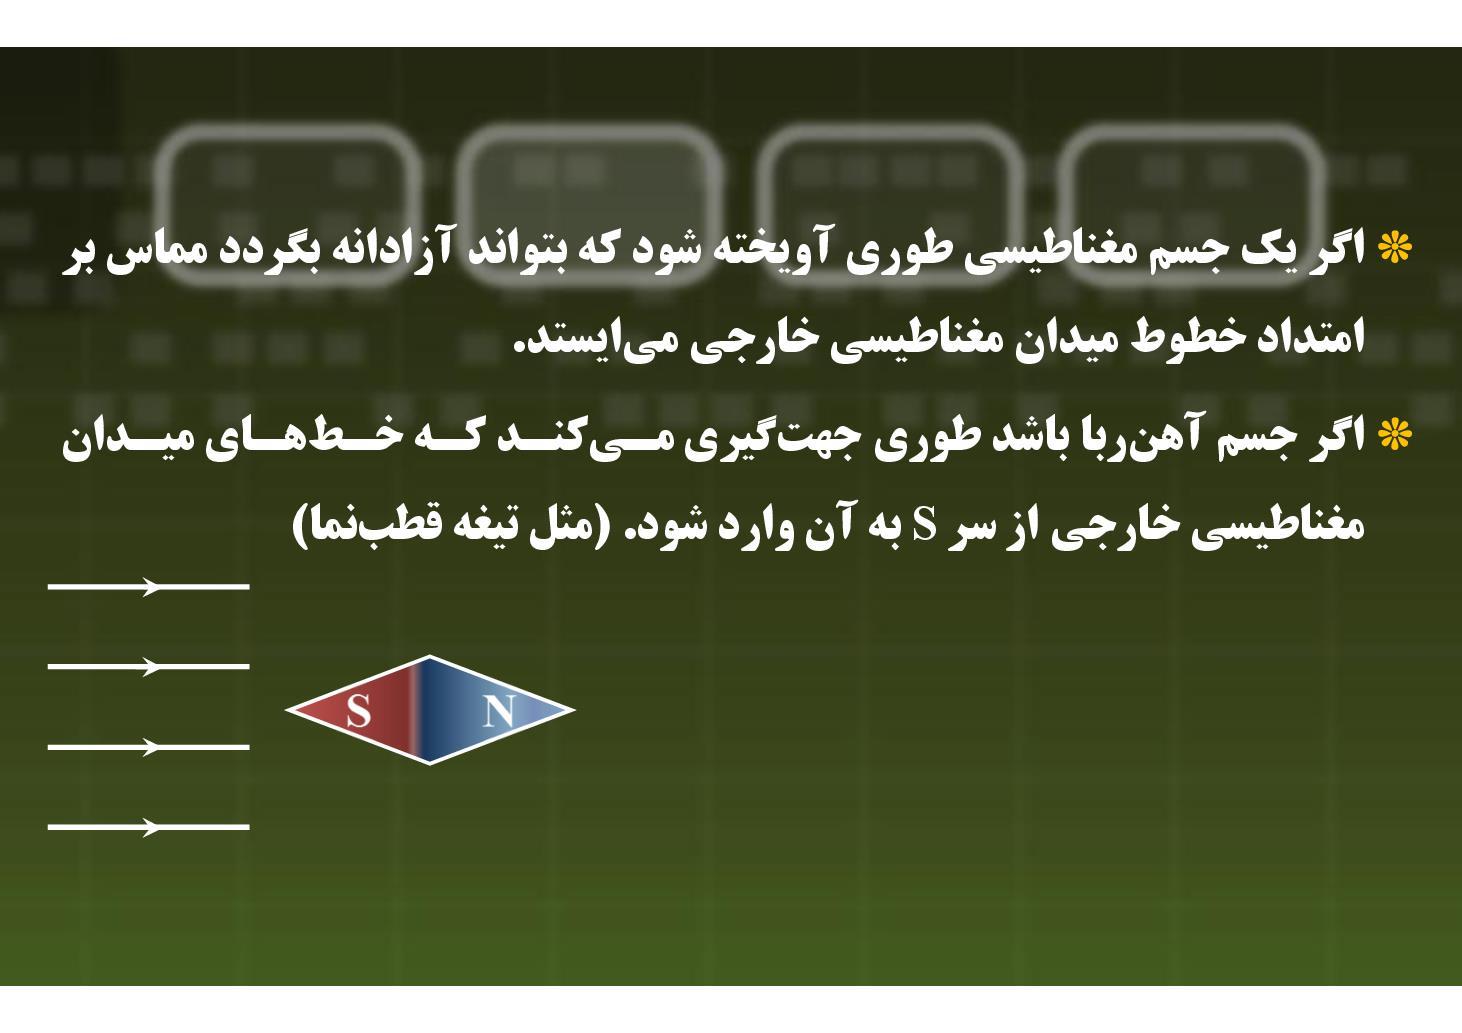 فیزیک ٣- فصل ٣ (فصل ۴ ریاضی)- آهنربا و میدان مغناطیسی اطراف آن- بخش ٢ (PDF)